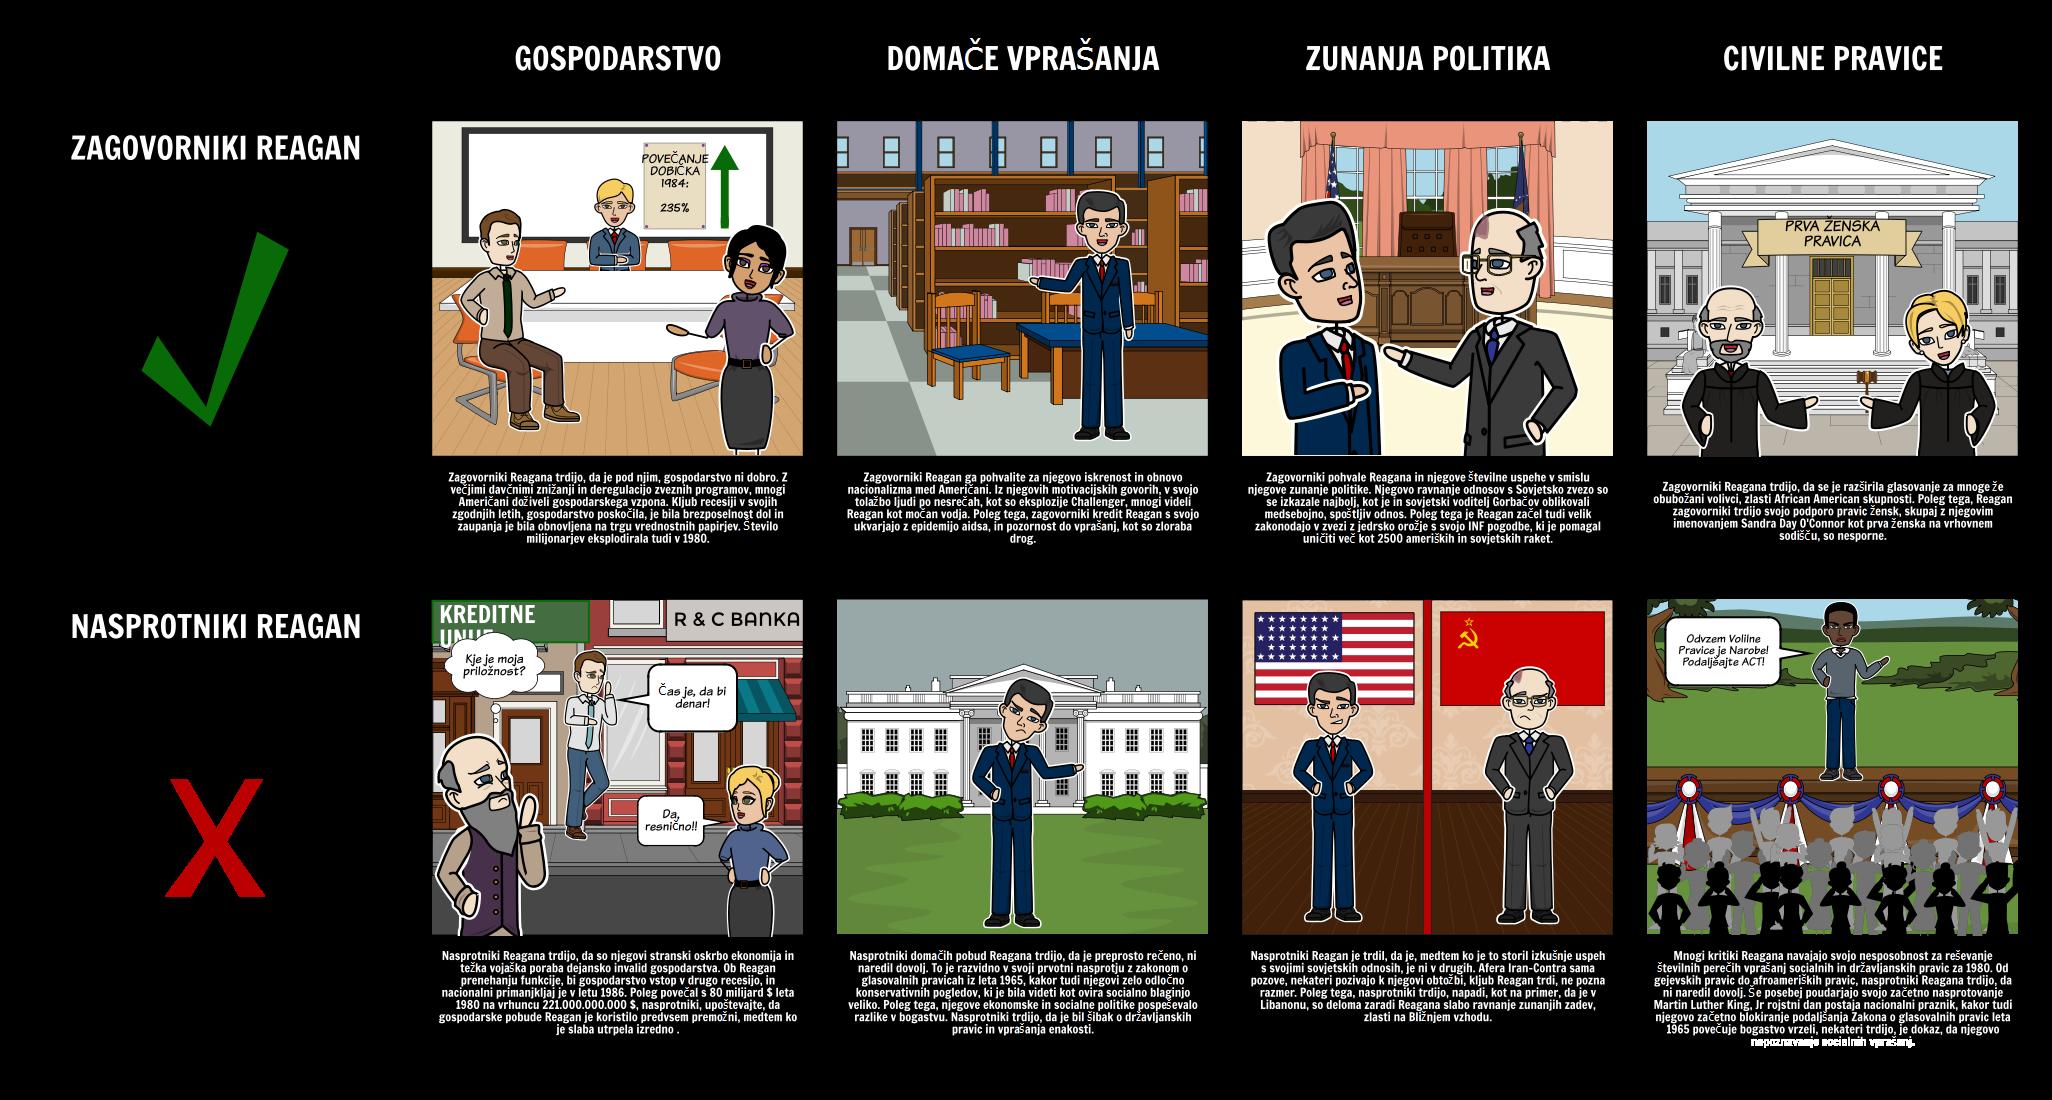 Reagan Predsedstva - Zagovornik in Nasprotnik Stališča